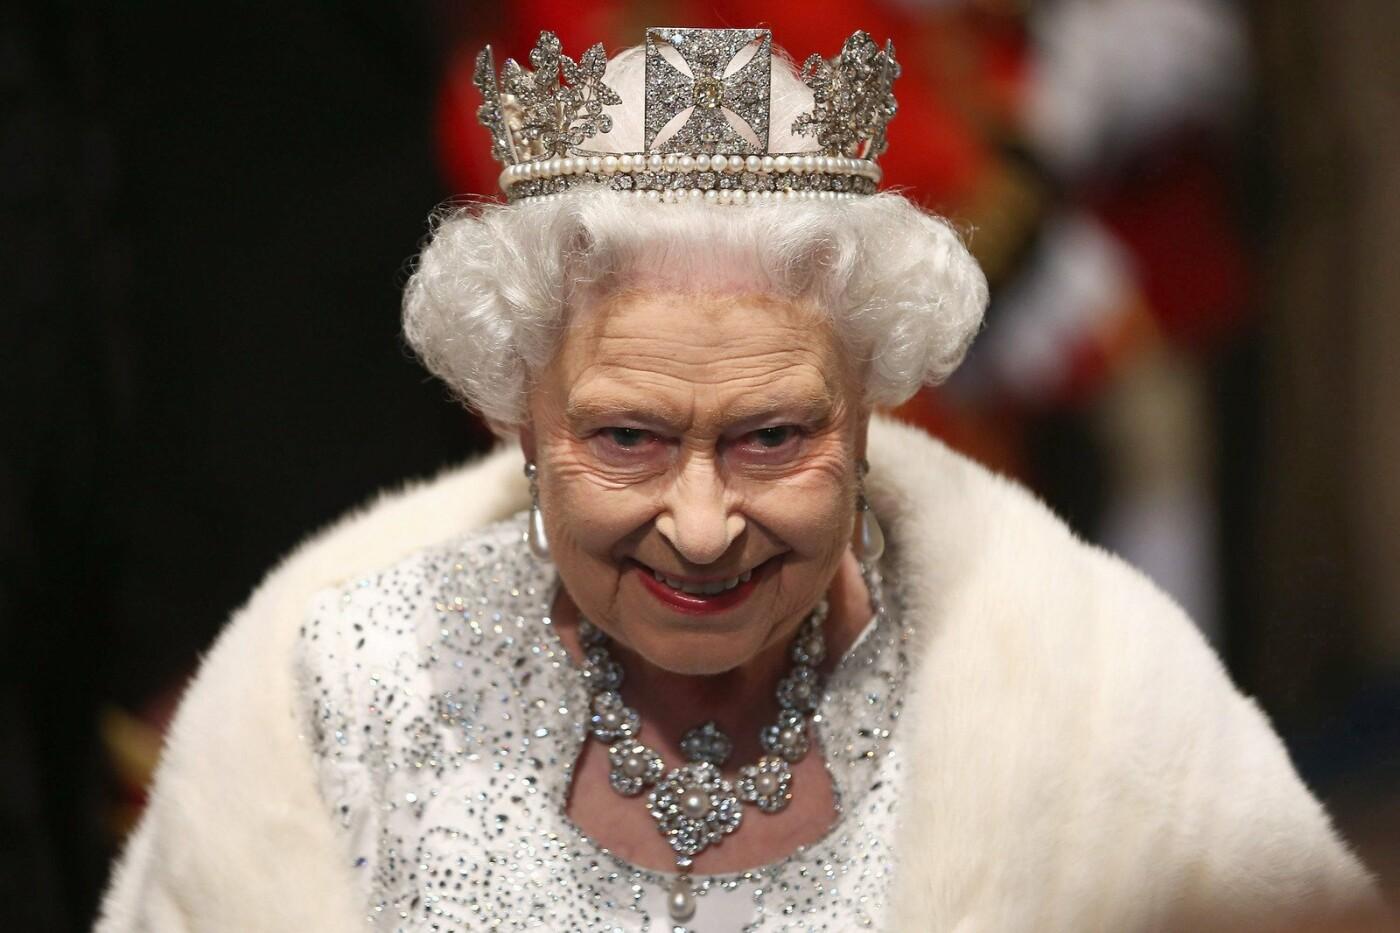 Лидеры государств, голливудские звезды и королевская семья. ТОП-10 вакцинировавшихся от коронавируса знаменитостей, - ФОТО , фото-4